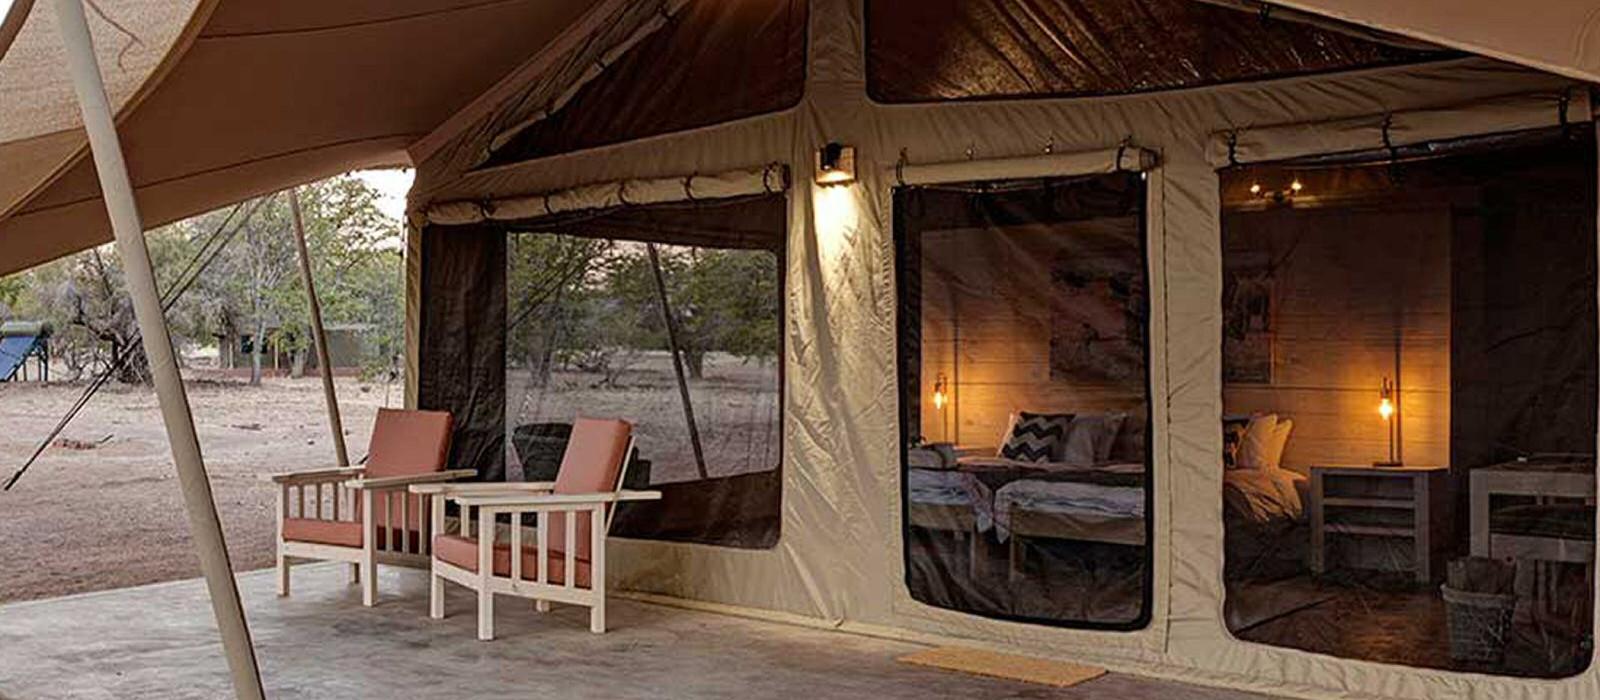 Hotel Malansrus Tented Camp Namibia